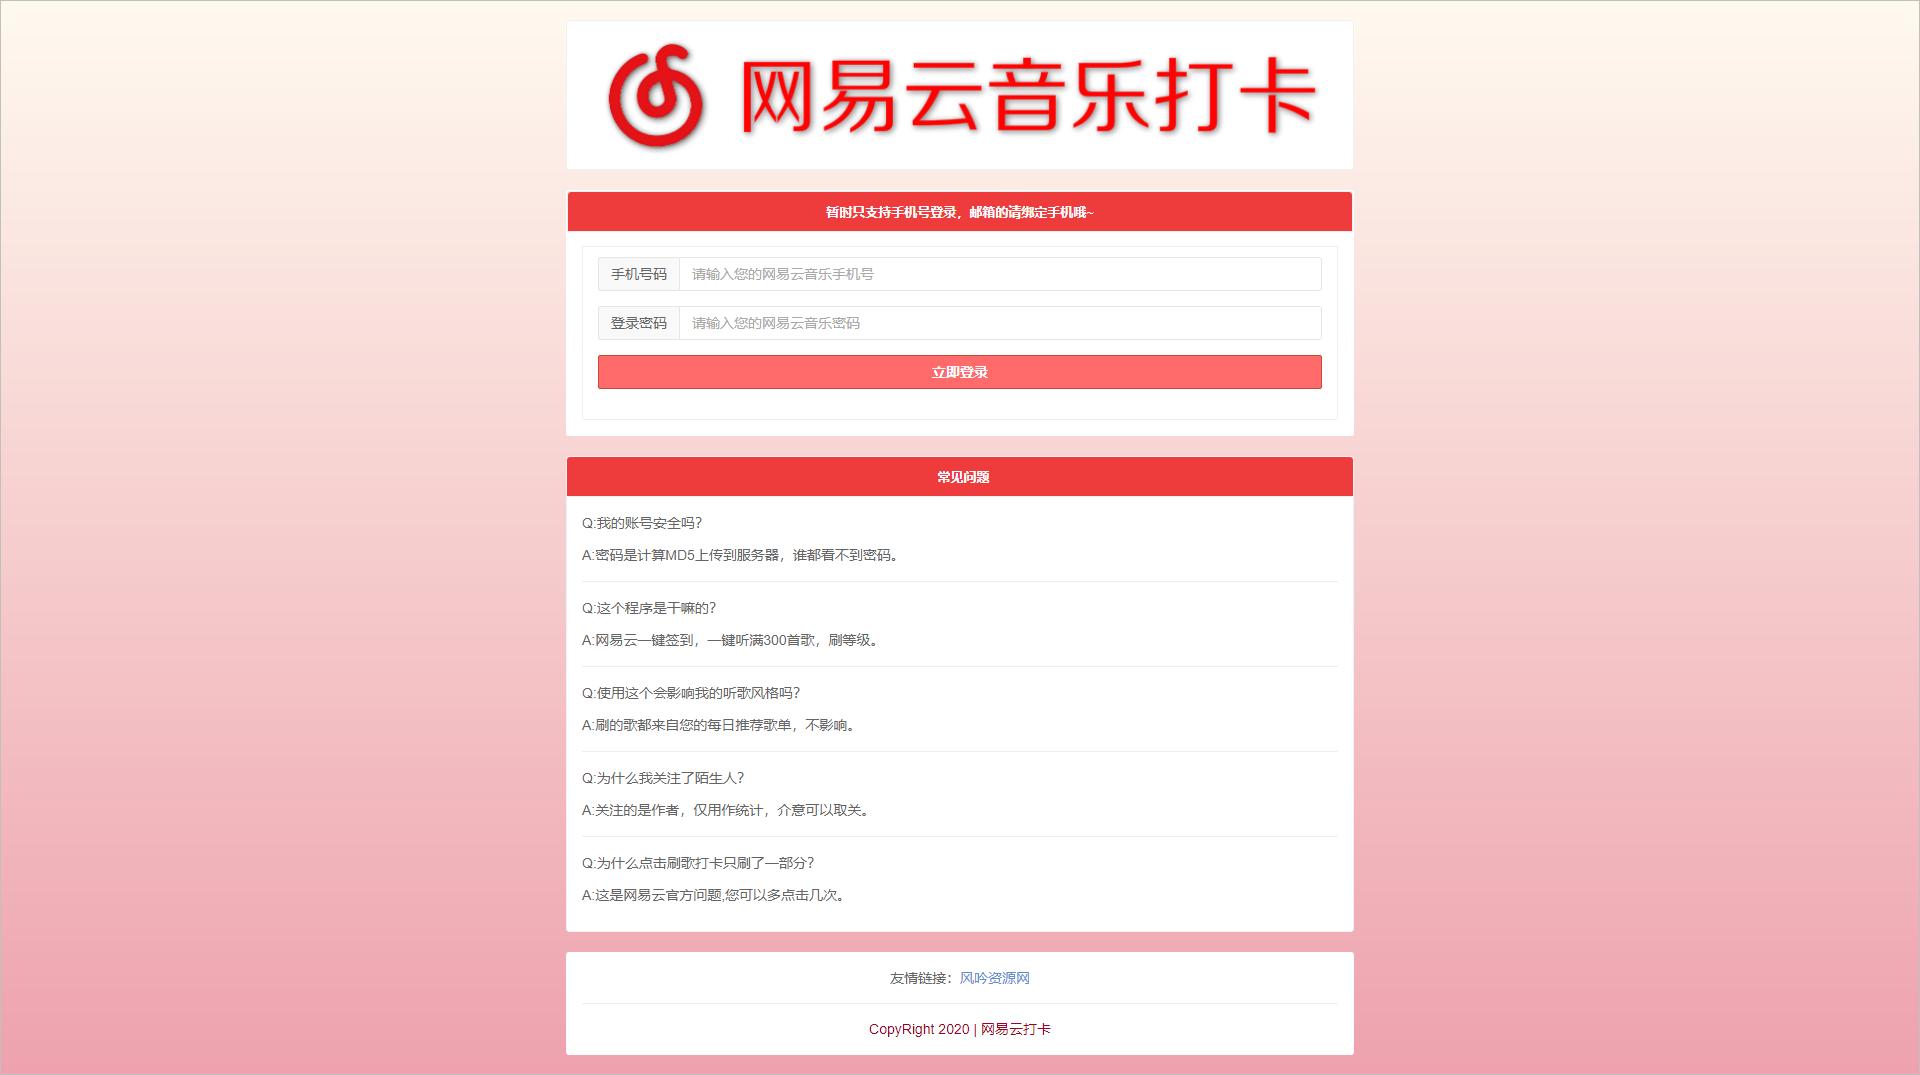 小刀娱乐网 网易云音乐打卡听歌300首源码